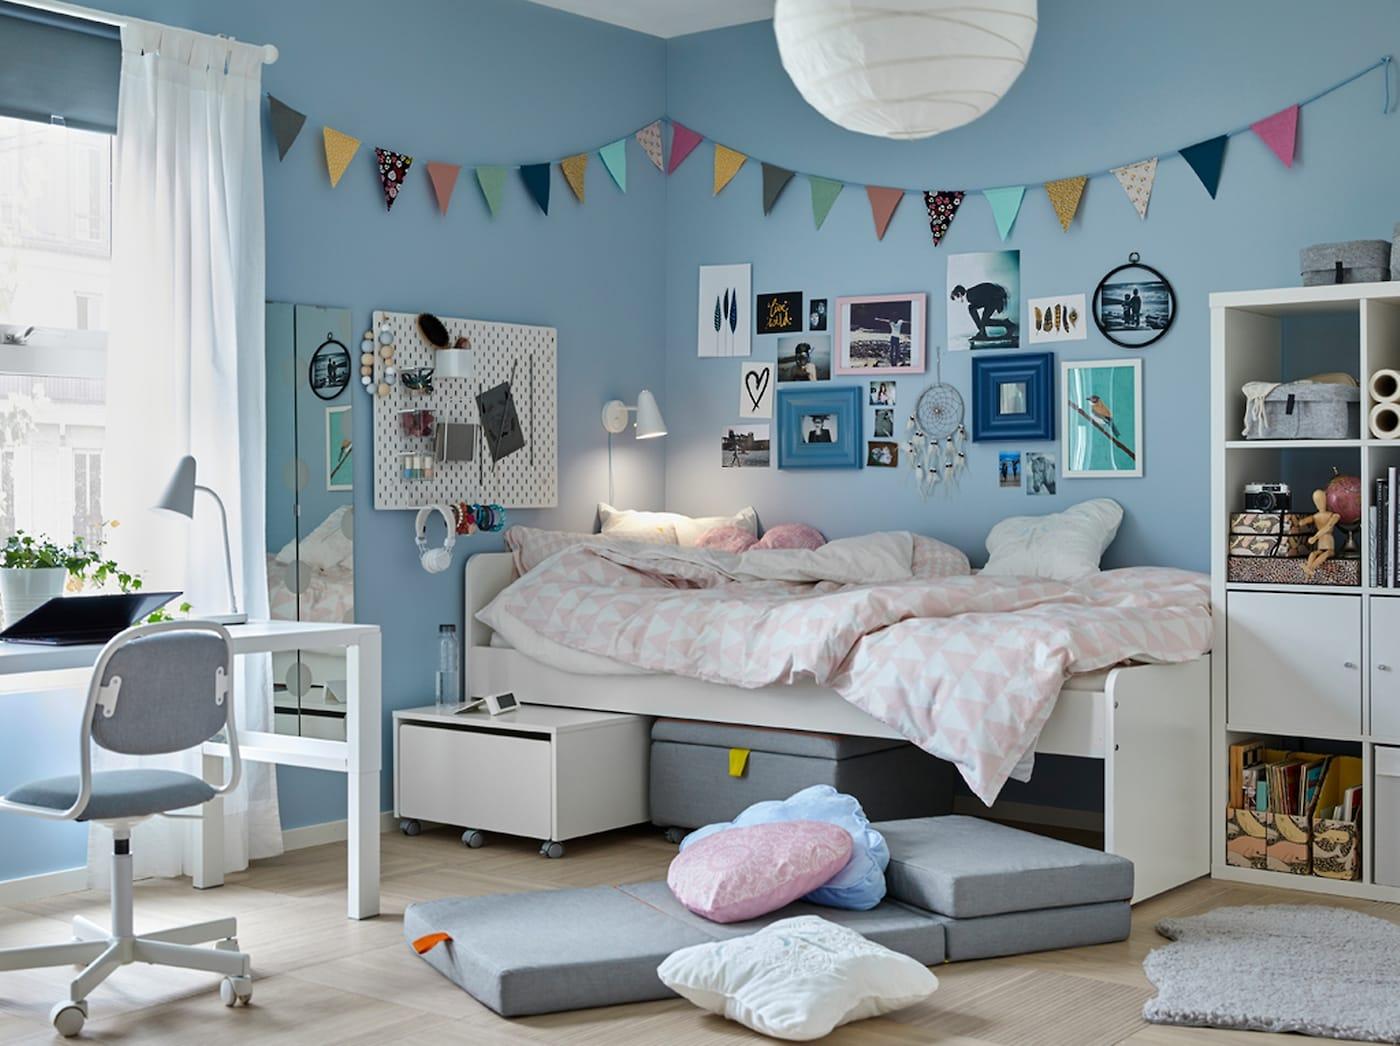 Full Size of Jugendzimmer Ikea Zum Schlafen Betten Bei Küche Kaufen Kosten Bett Sofa Mit Schlaffunktion Modulküche Miniküche 160x200 Wohnzimmer Jugendzimmer Ikea